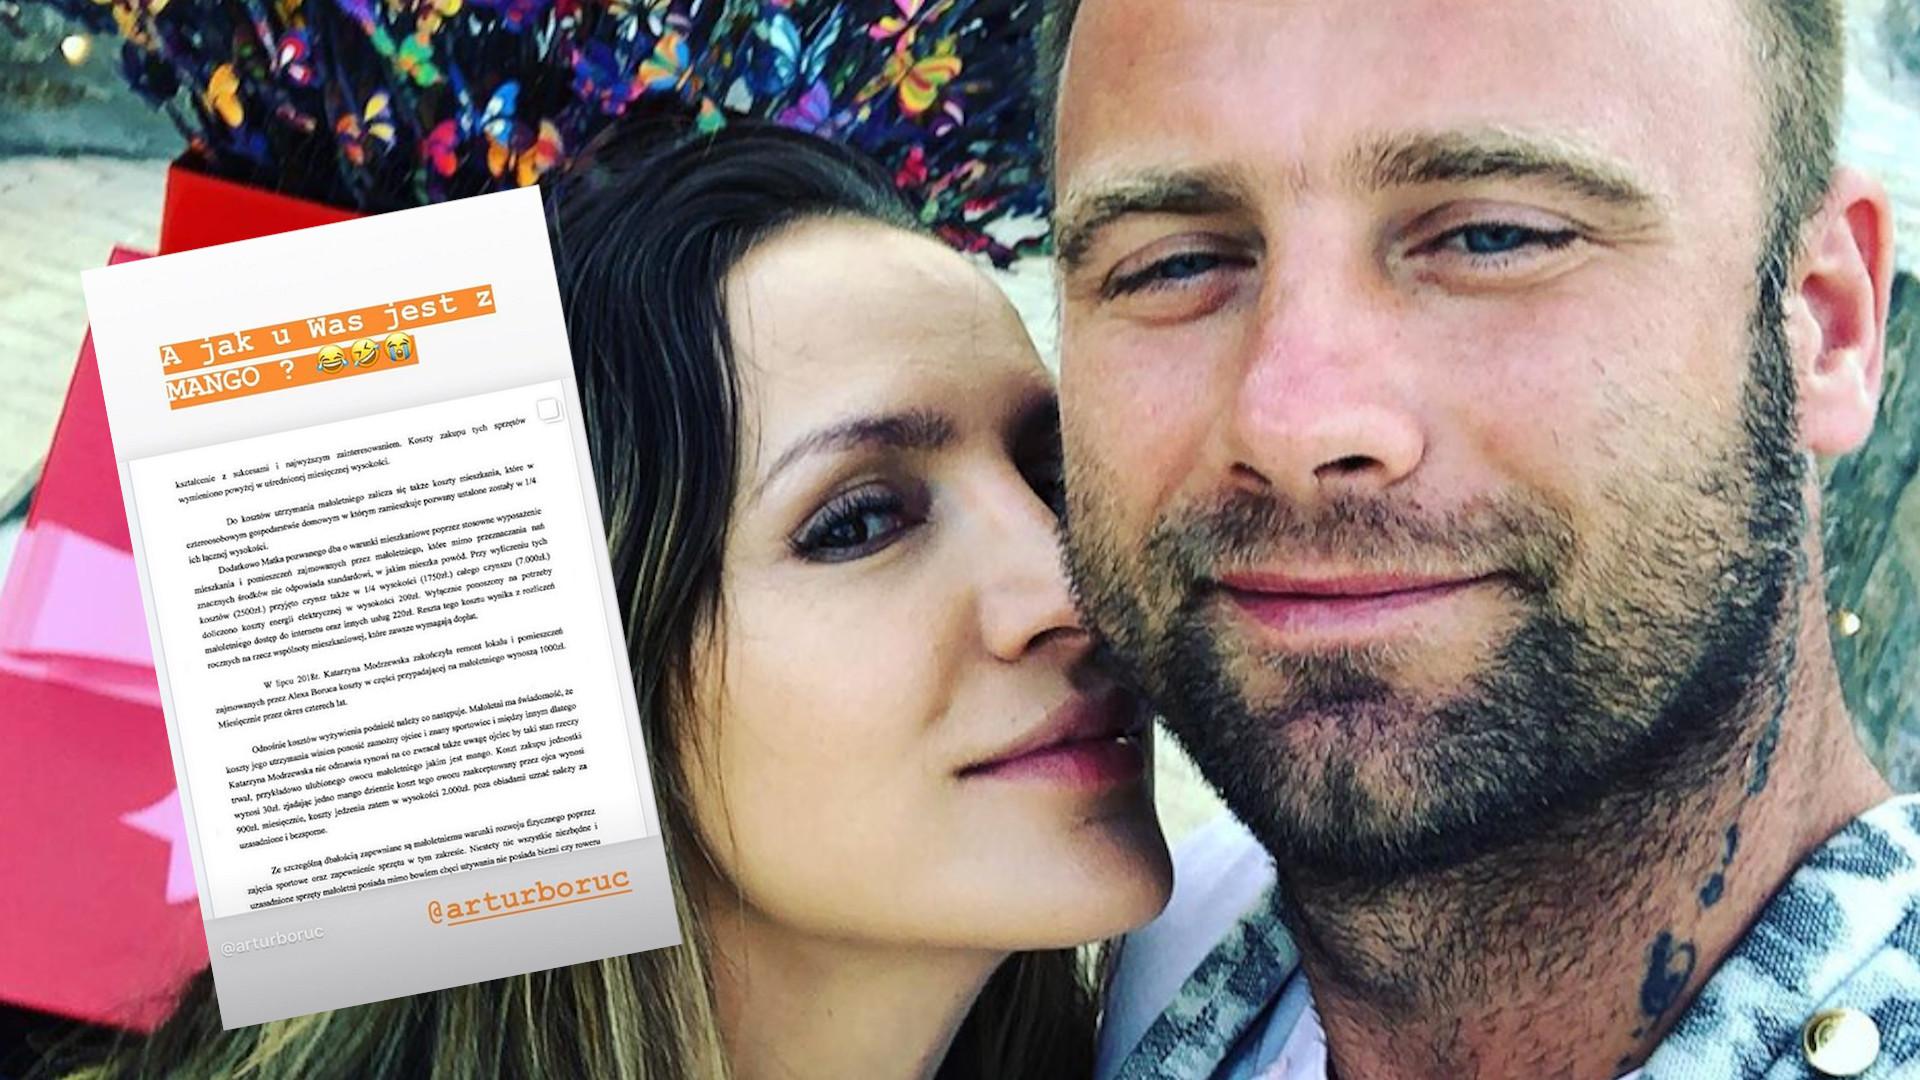 Była żona Artura Boruca zarzuciła mu, że nie płaci alimentów i nie interesuje się synem – piłkarz i Sara odpowiedzieli